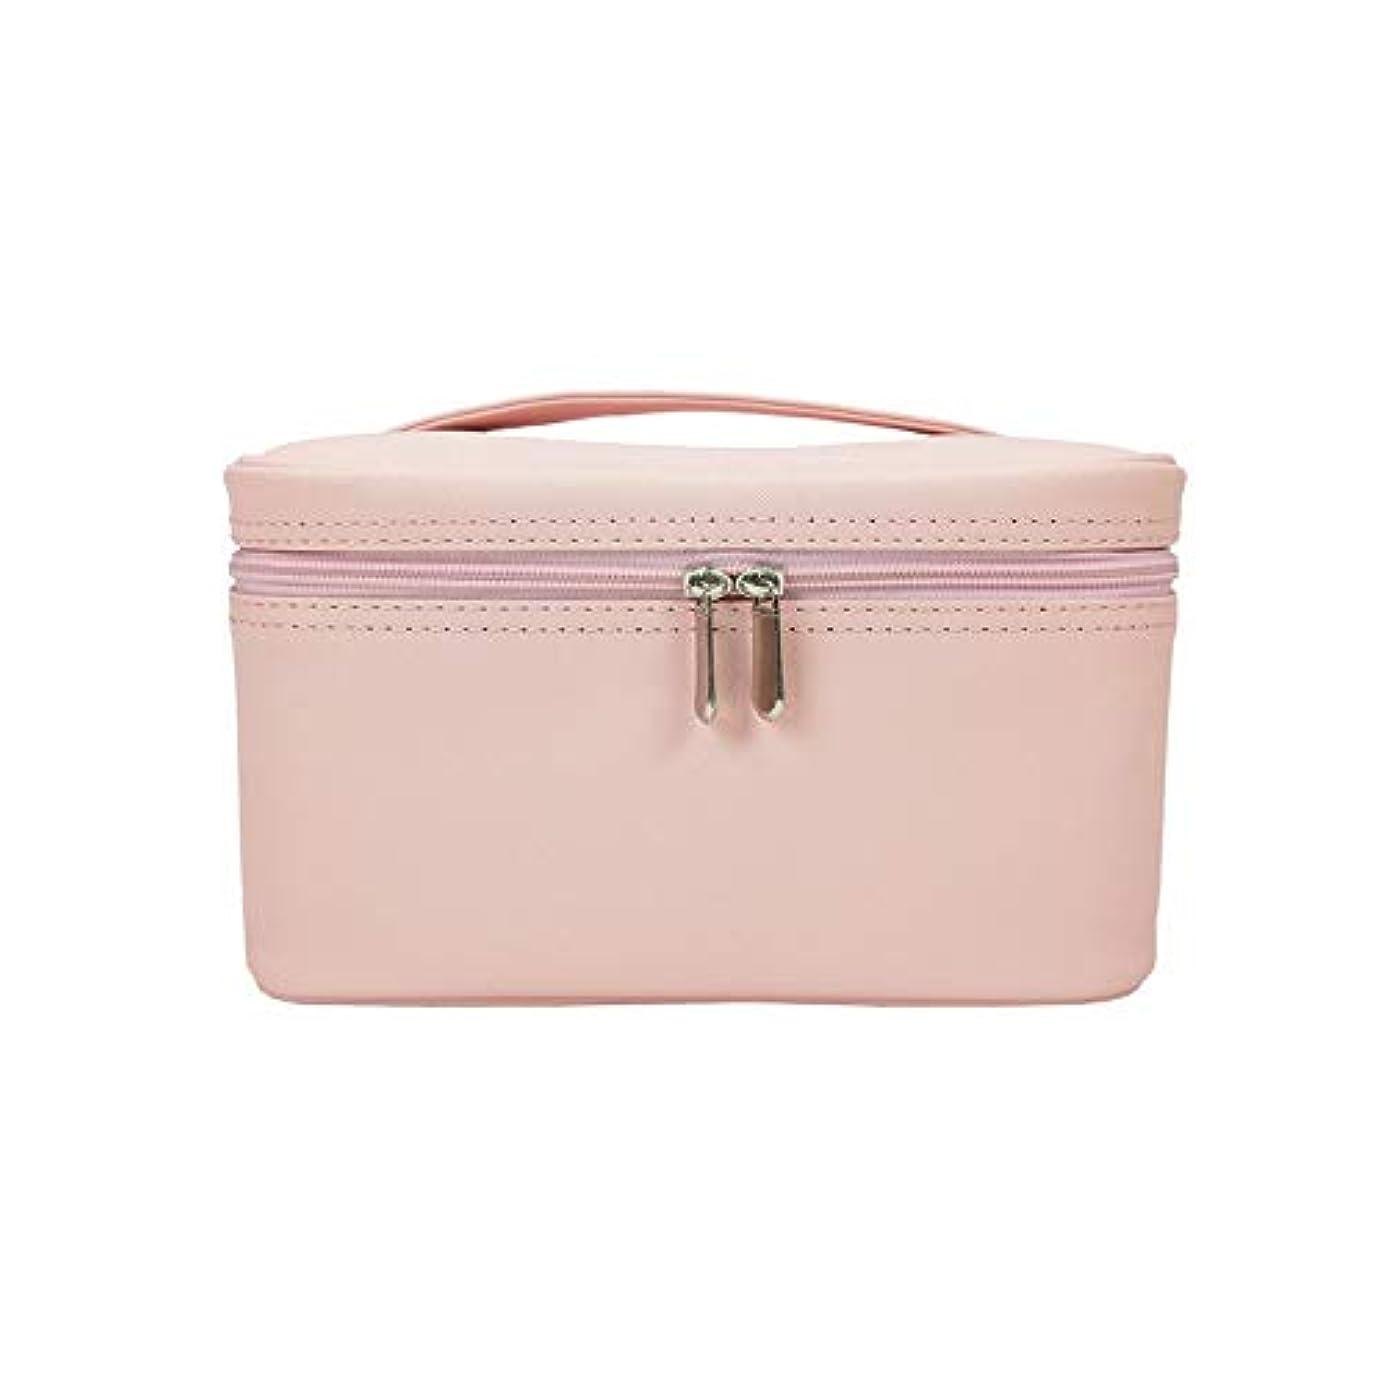 のぞき見便宜靴特大スペース収納ビューティーボックス 女の子の女性旅行のための新しく、実用的な携帯用化粧箱およびロックおよび皿が付いている毎日の貯蔵 化粧品化粧台 (色 : ピンク)